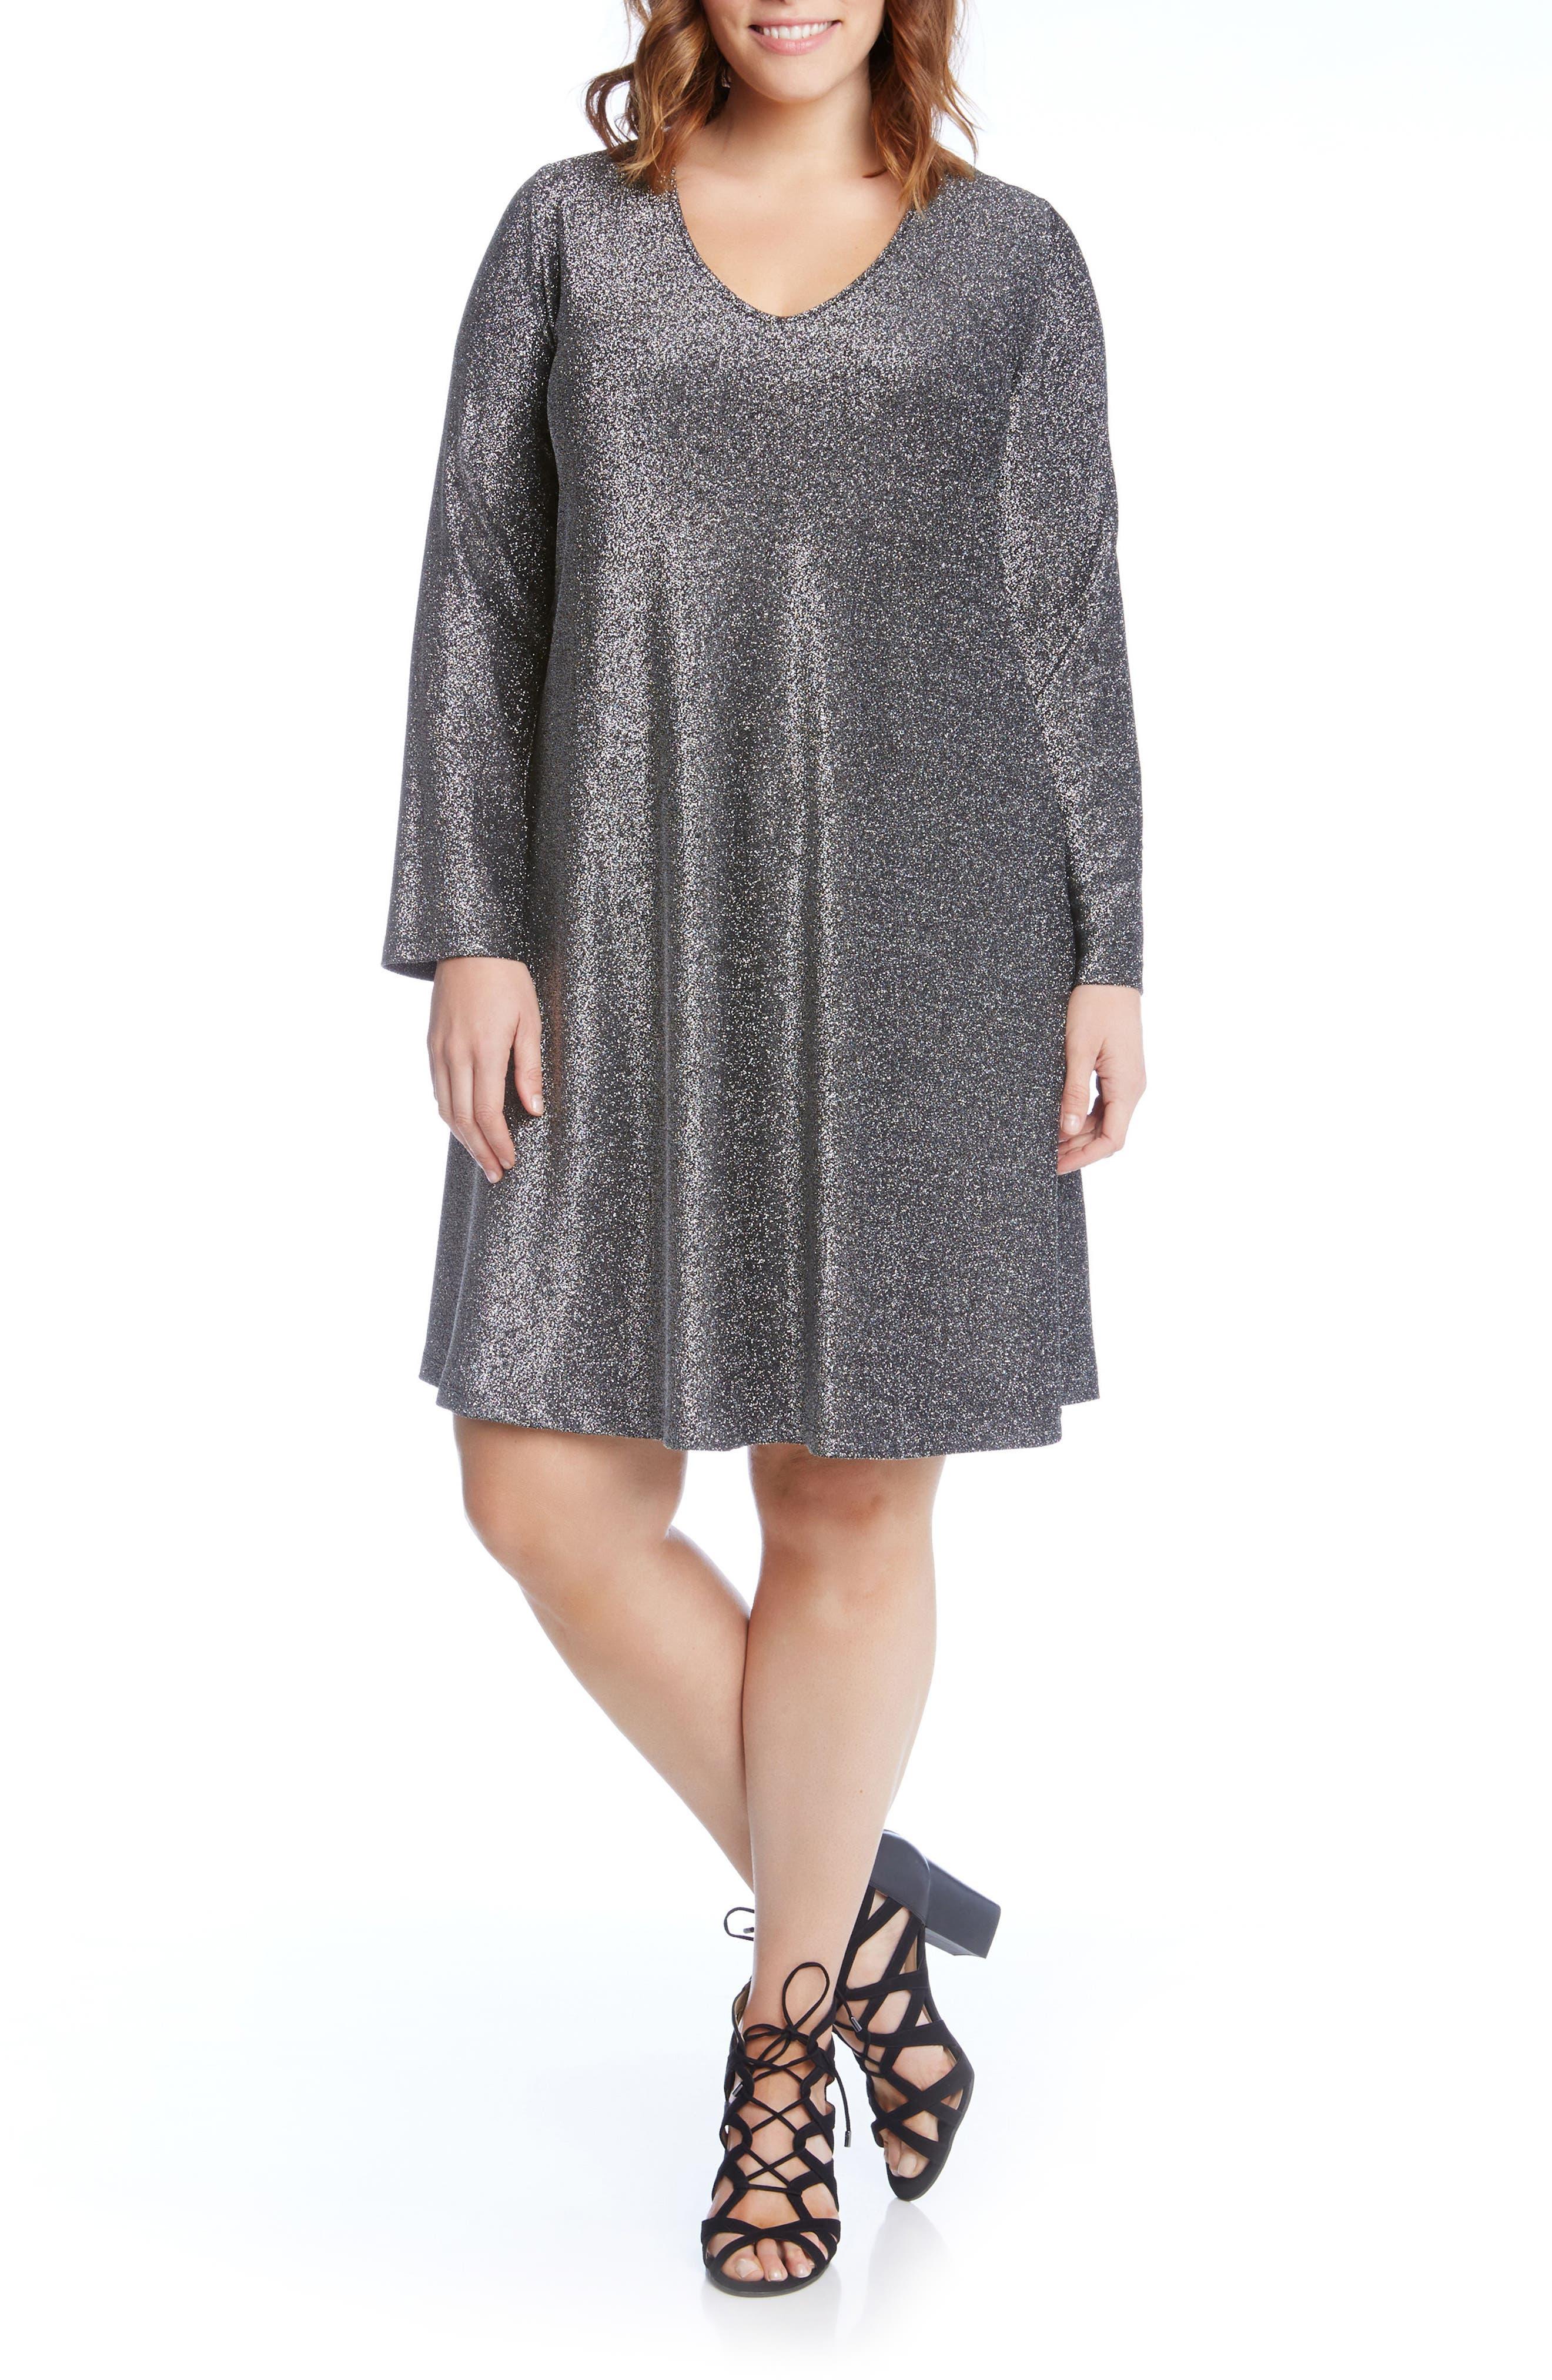 Taylor Sparkle A-Line Dress,                         Main,                         color, 044